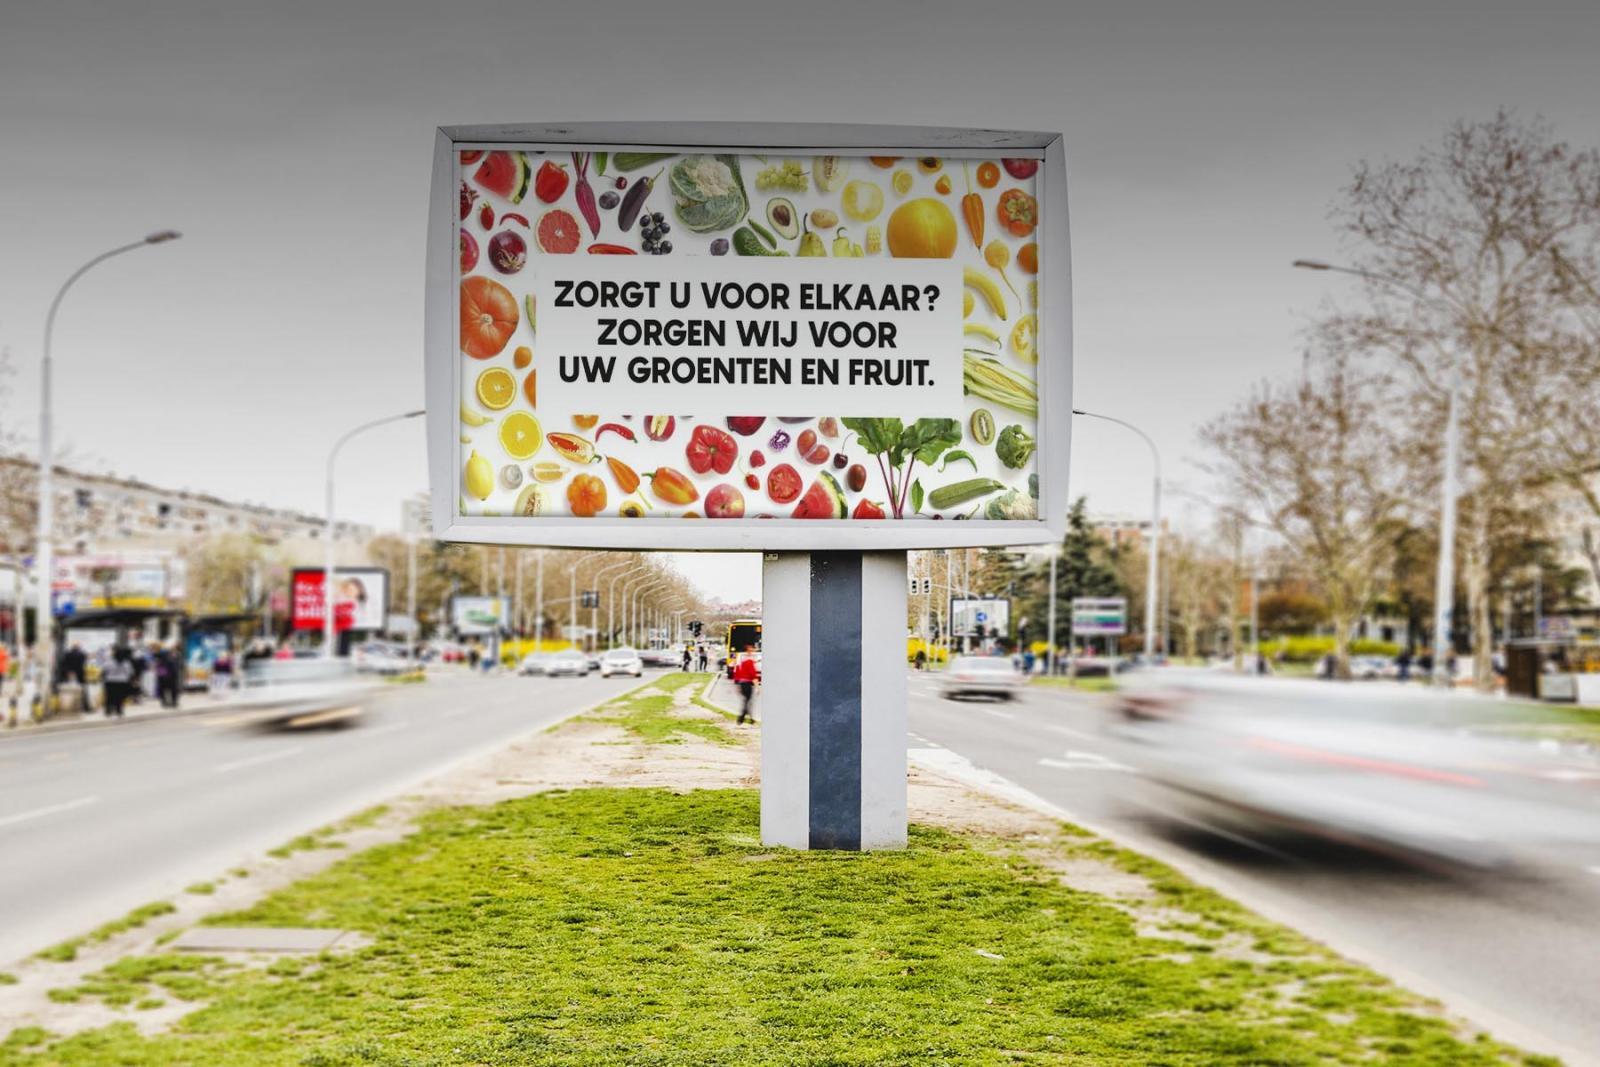 Zorgt u voor elkaar? Zorgen wij voor groenten en fruit!